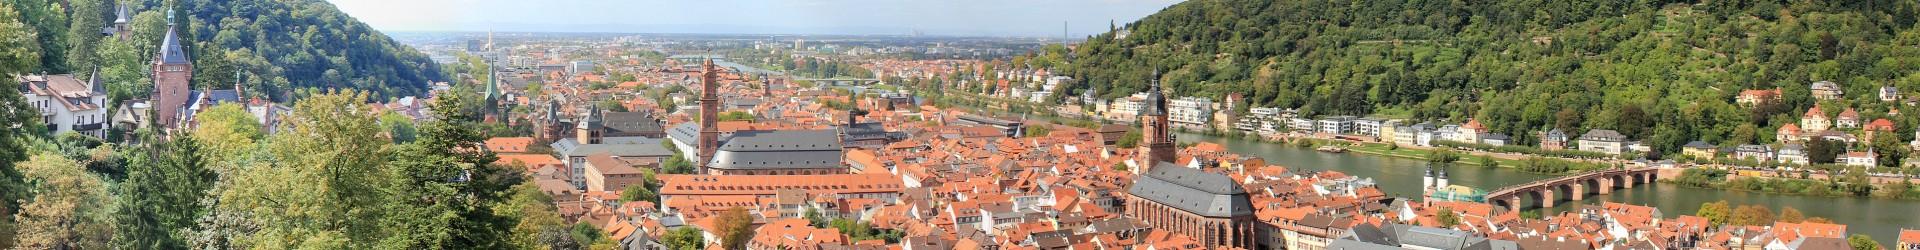 altstadt-panorama - daniel jaeger